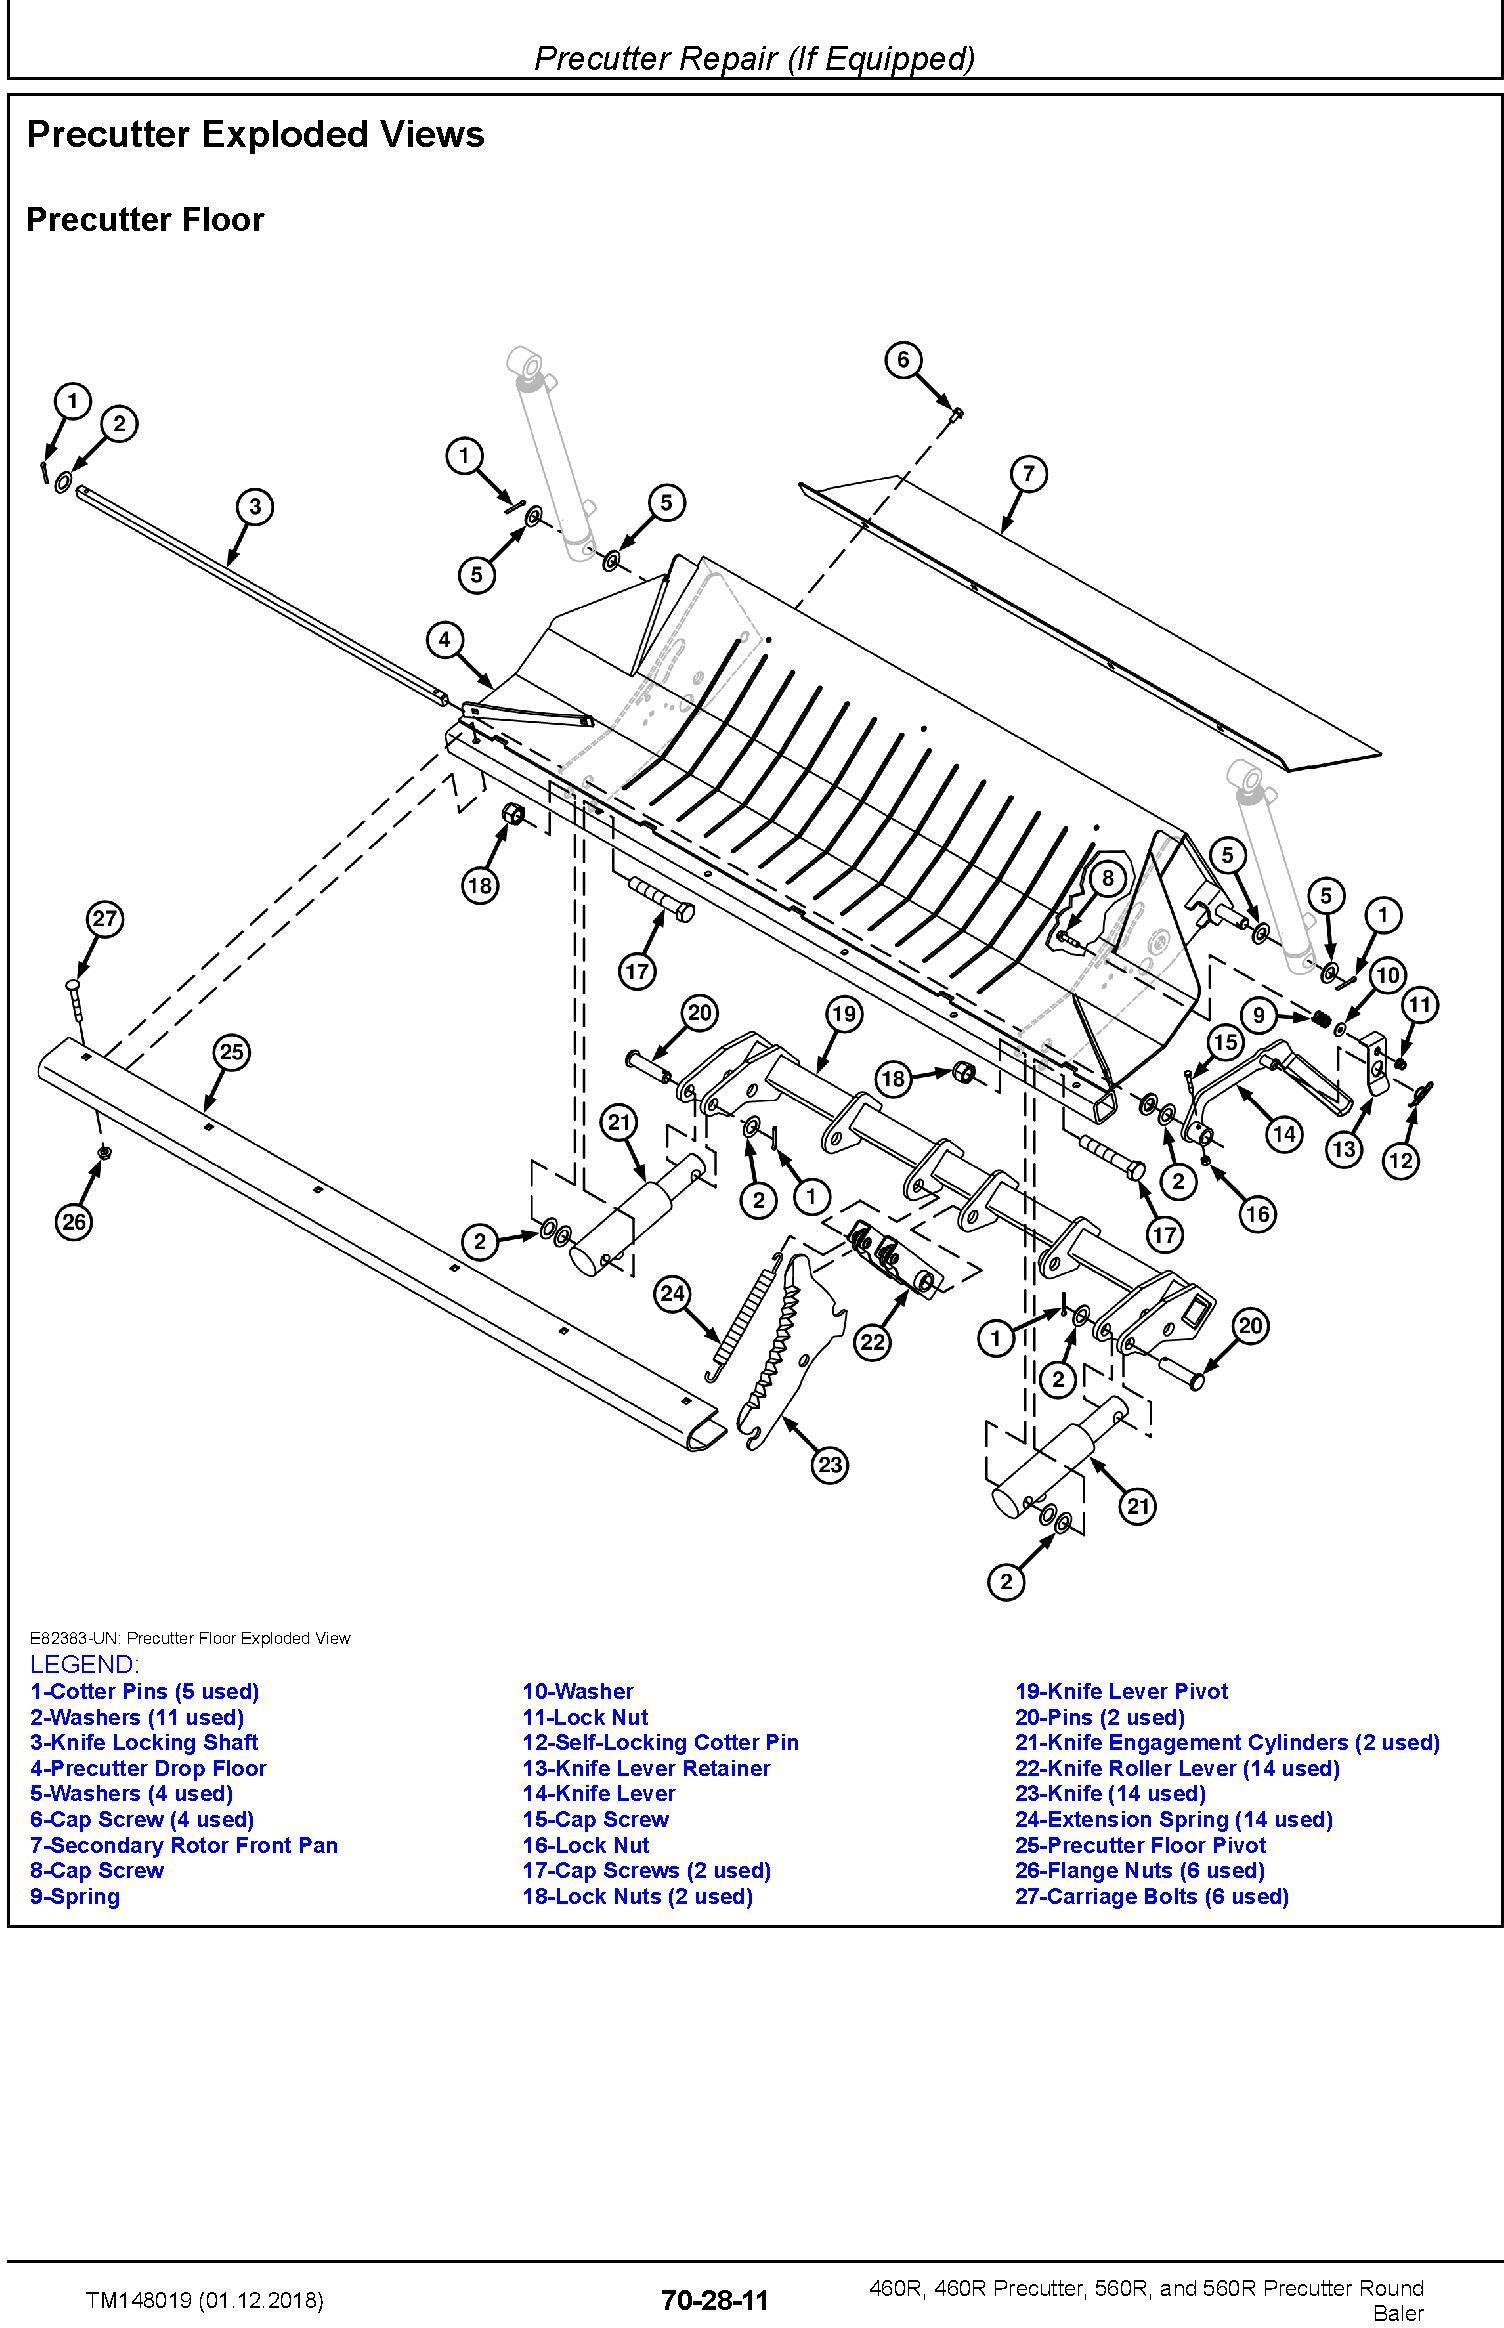 John Deere 460R, 460R Precutter, 560R, and 560R Precutter Round Baler Technical Manual (TM148019) - 3